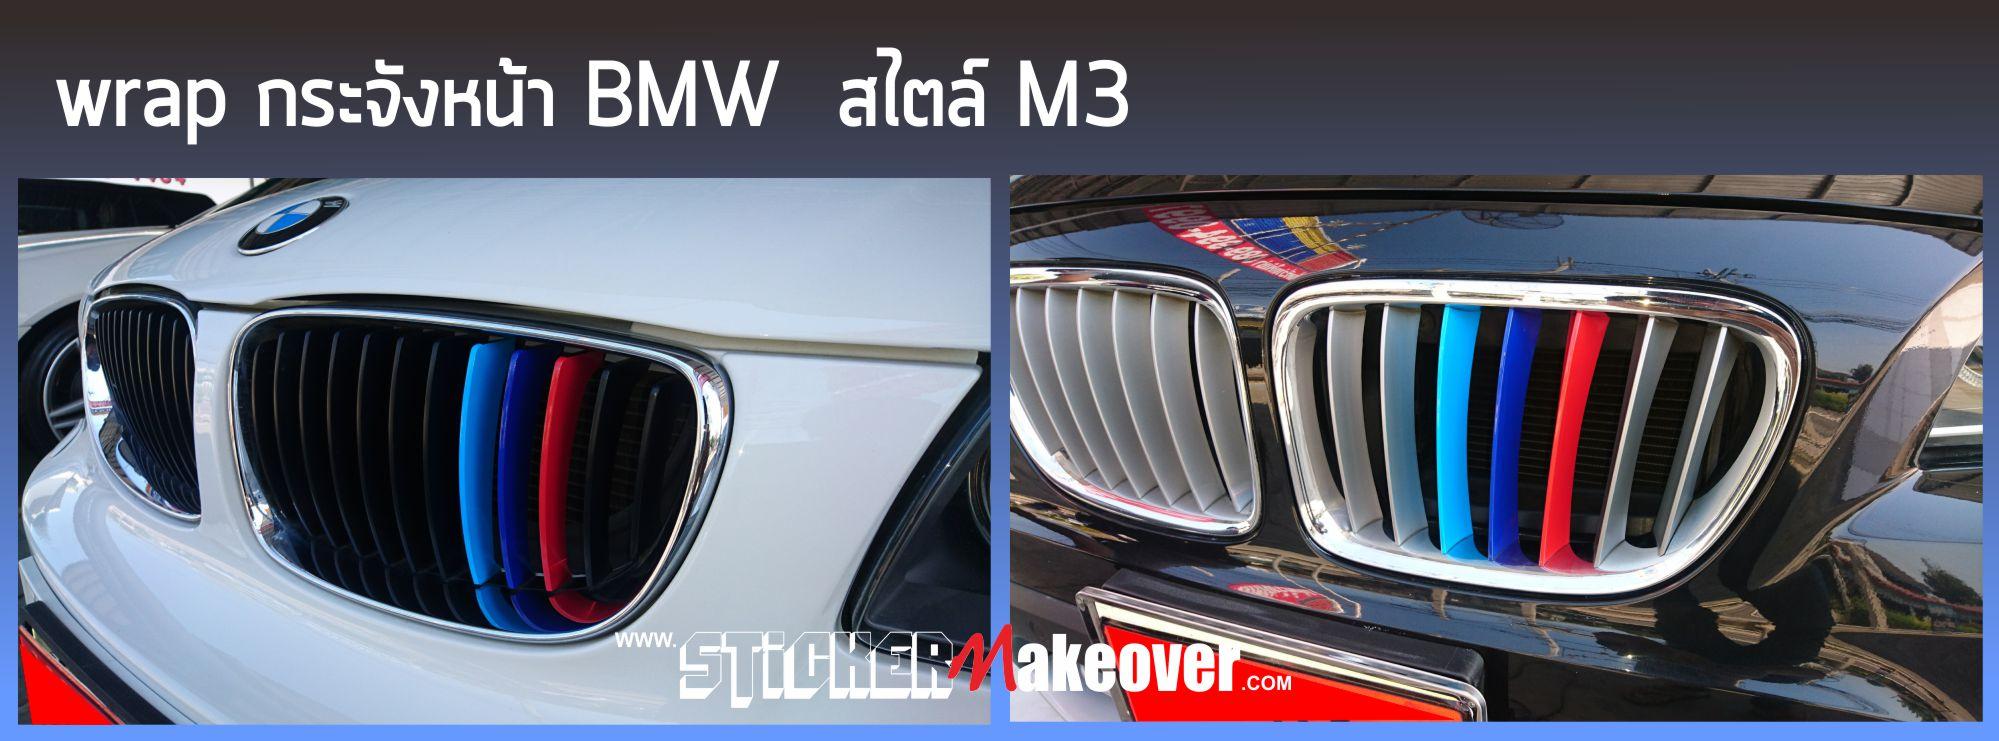 หุ้มกรจังหน้า BMW m3 เคฟล่า6d ติดสติกเกอเคฟล่าเงา  ร์เคฟล่า หุ้มเคฟล่าภายในรถ ติดสติกเกอร์ในรถ kevlar หุ้มสติกเกอร์เคฟล่า3M  ติดเคฟล่าคอนโซล